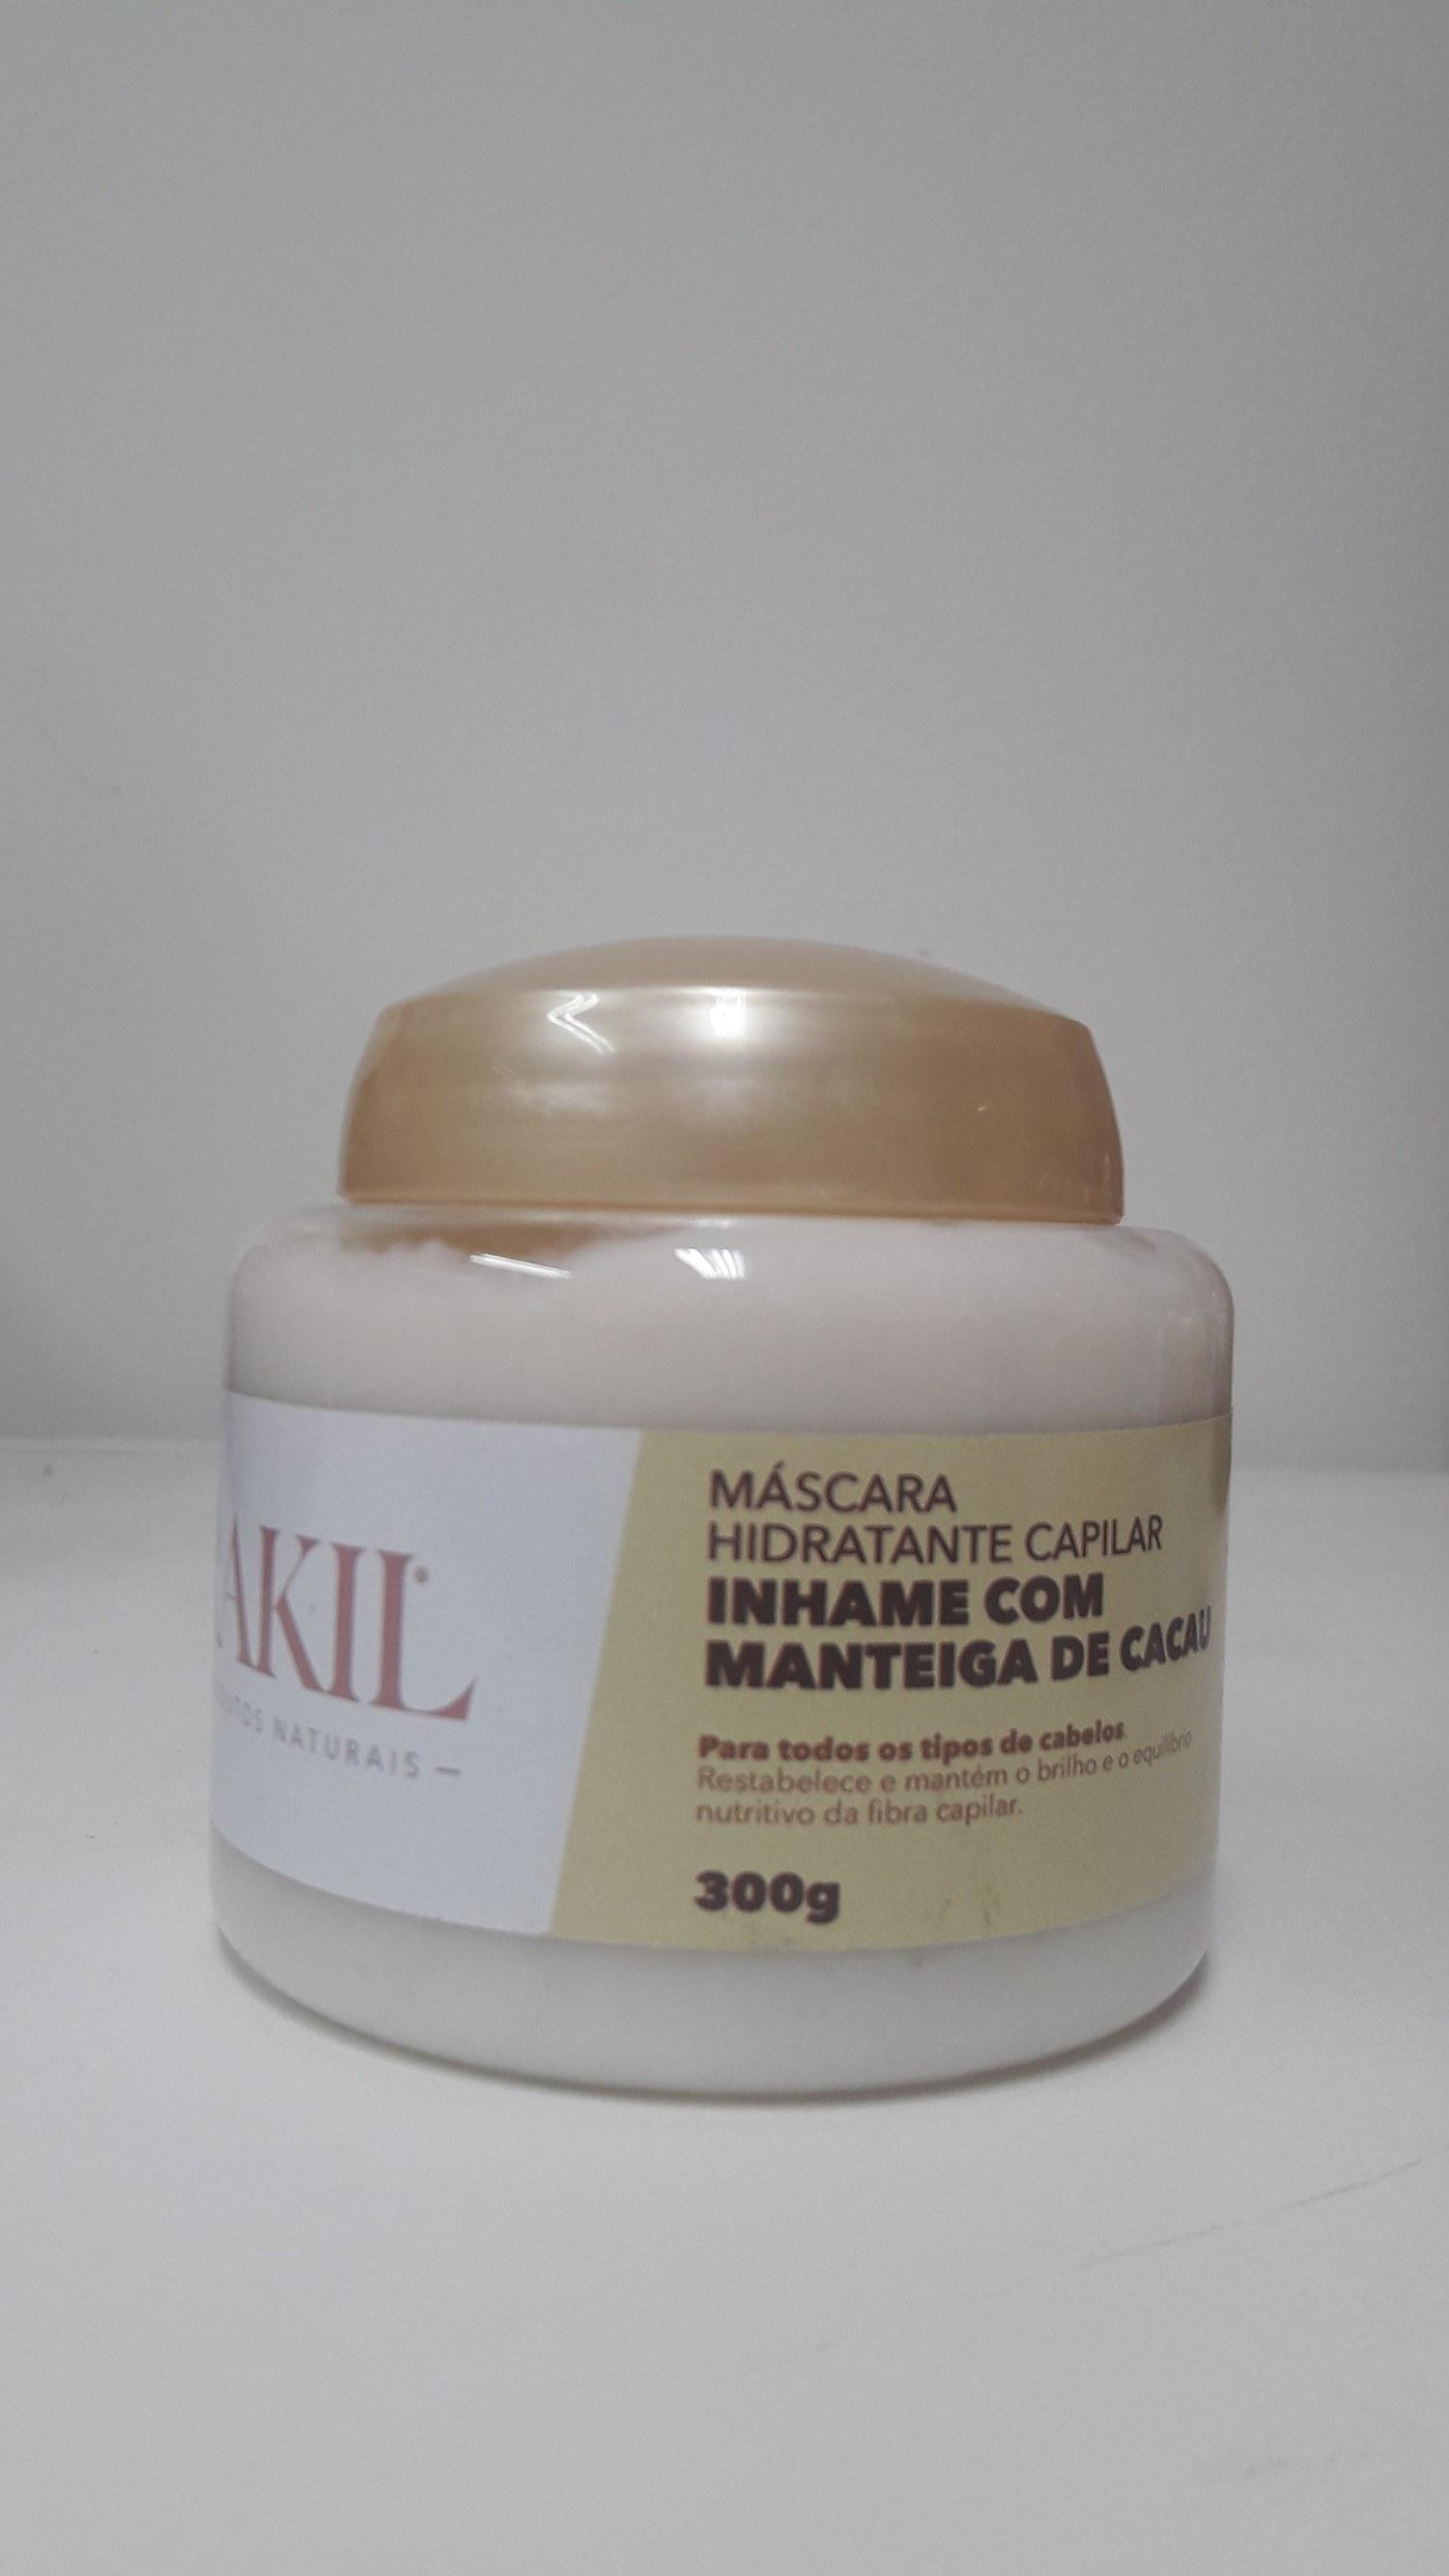 MÁSCARA HIDRATANTE CAPILAR INHAME COM MANTEIGA DE CACAU 300 g